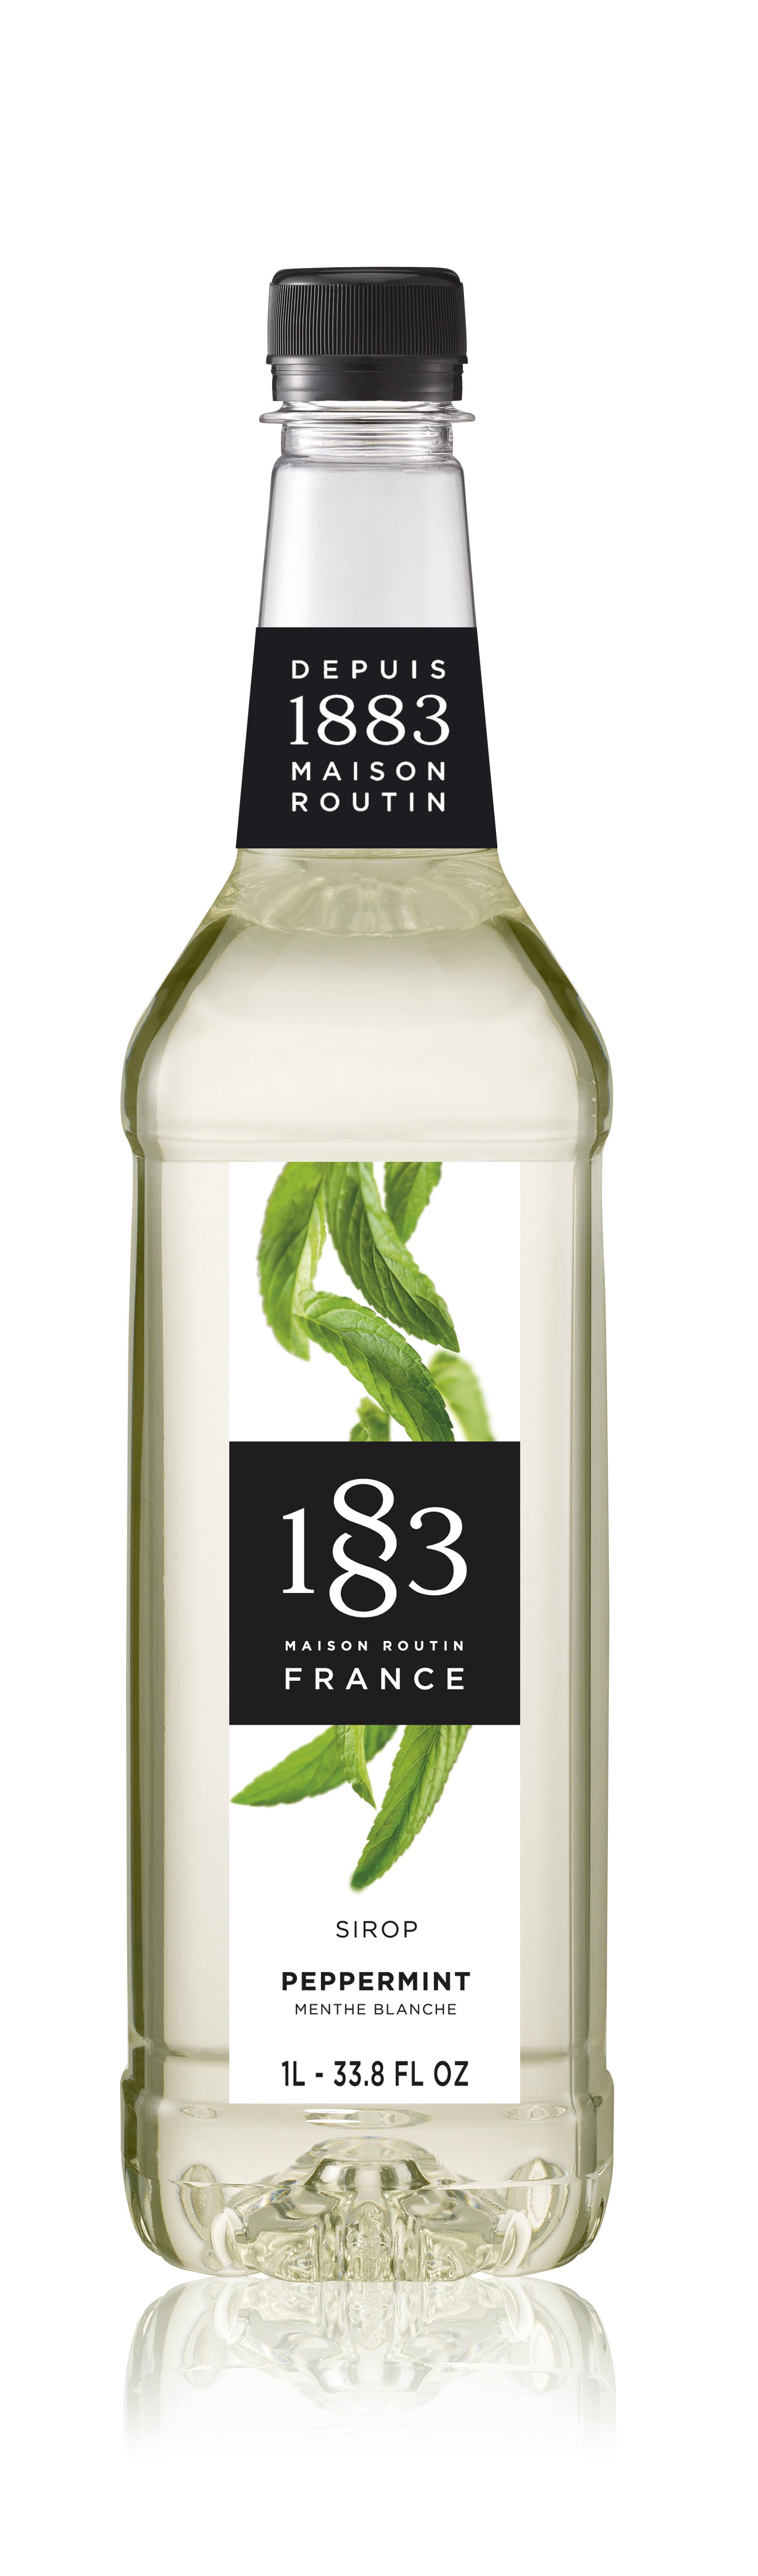 1883 Syrup Peppermint 1L PET Plastic Bottle